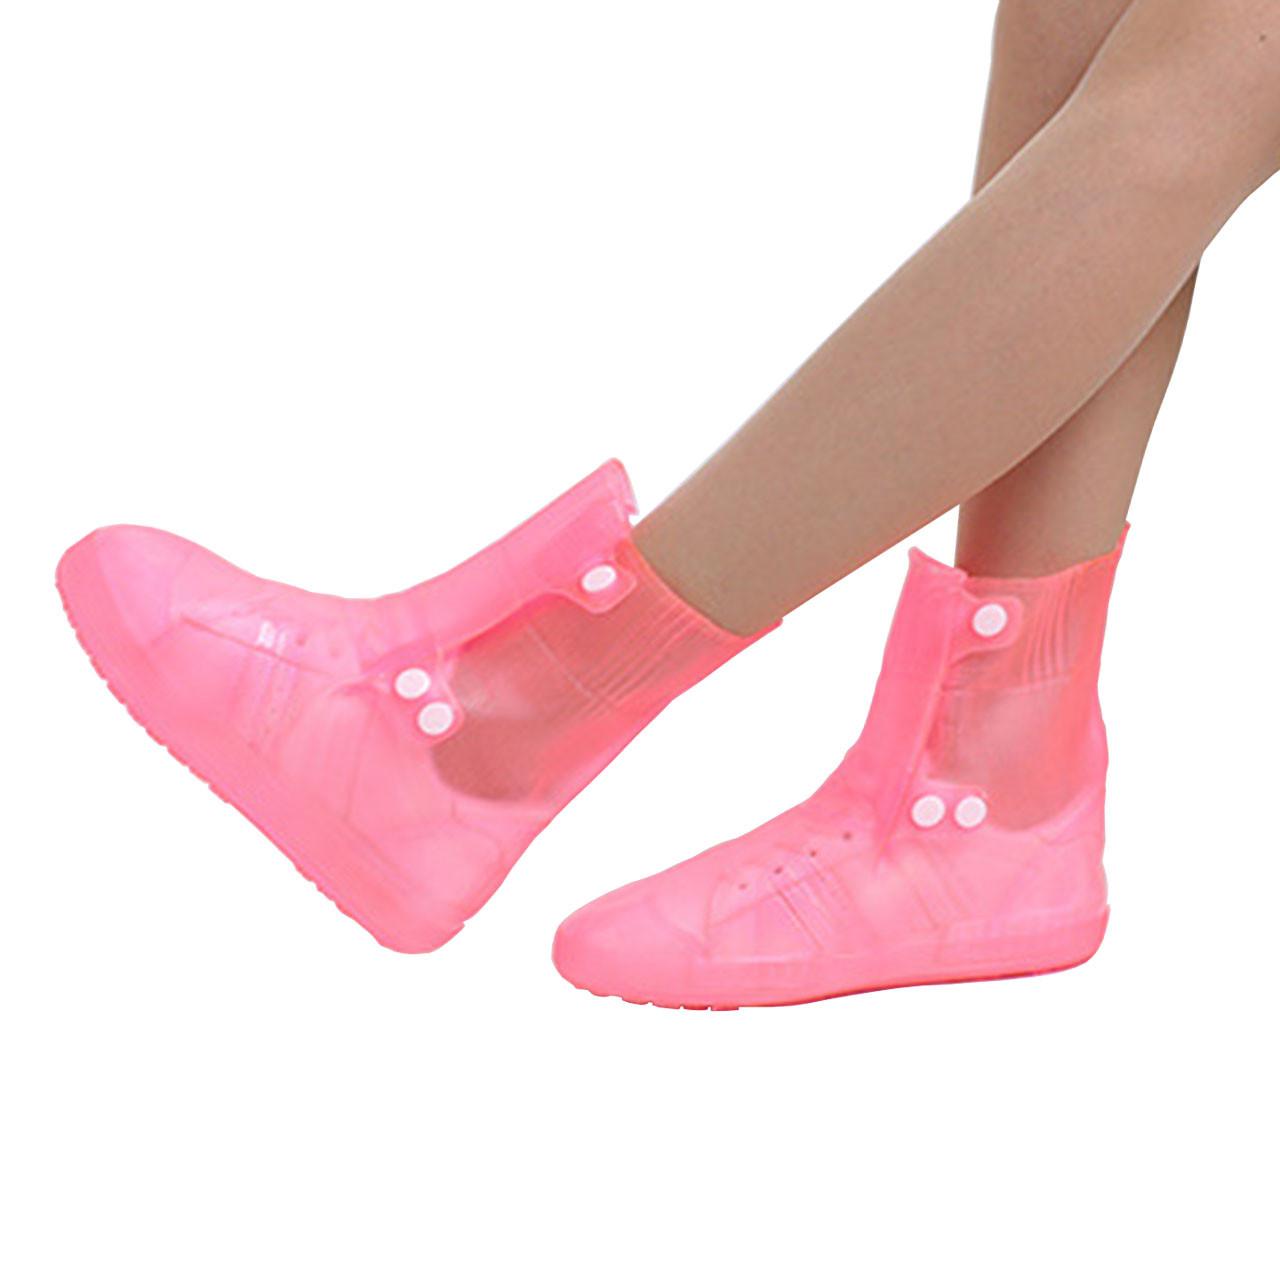 Гумові бахіли на взуття від дощу Lesko SB-108 рожевий р. 40/41 водонепроникний чохол від бруду на застібках